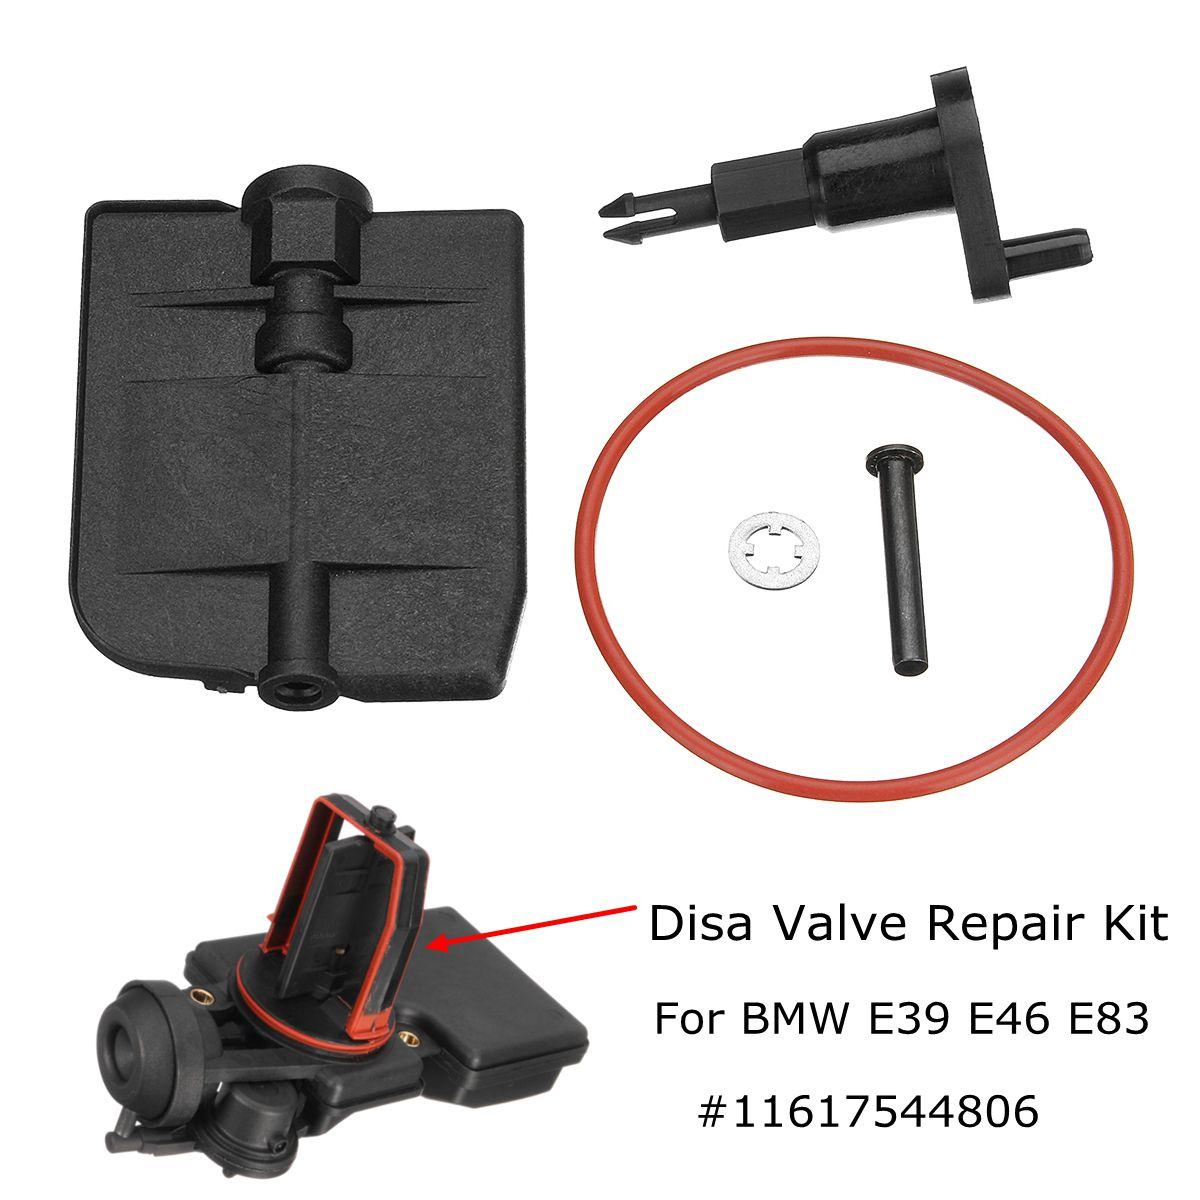 Kolektora dolotowego firmy DISA zestaw naprawczy zaworu 11617544806 dla BMW E39 E46 E83 325i 525i M54 2.5 2001-2006